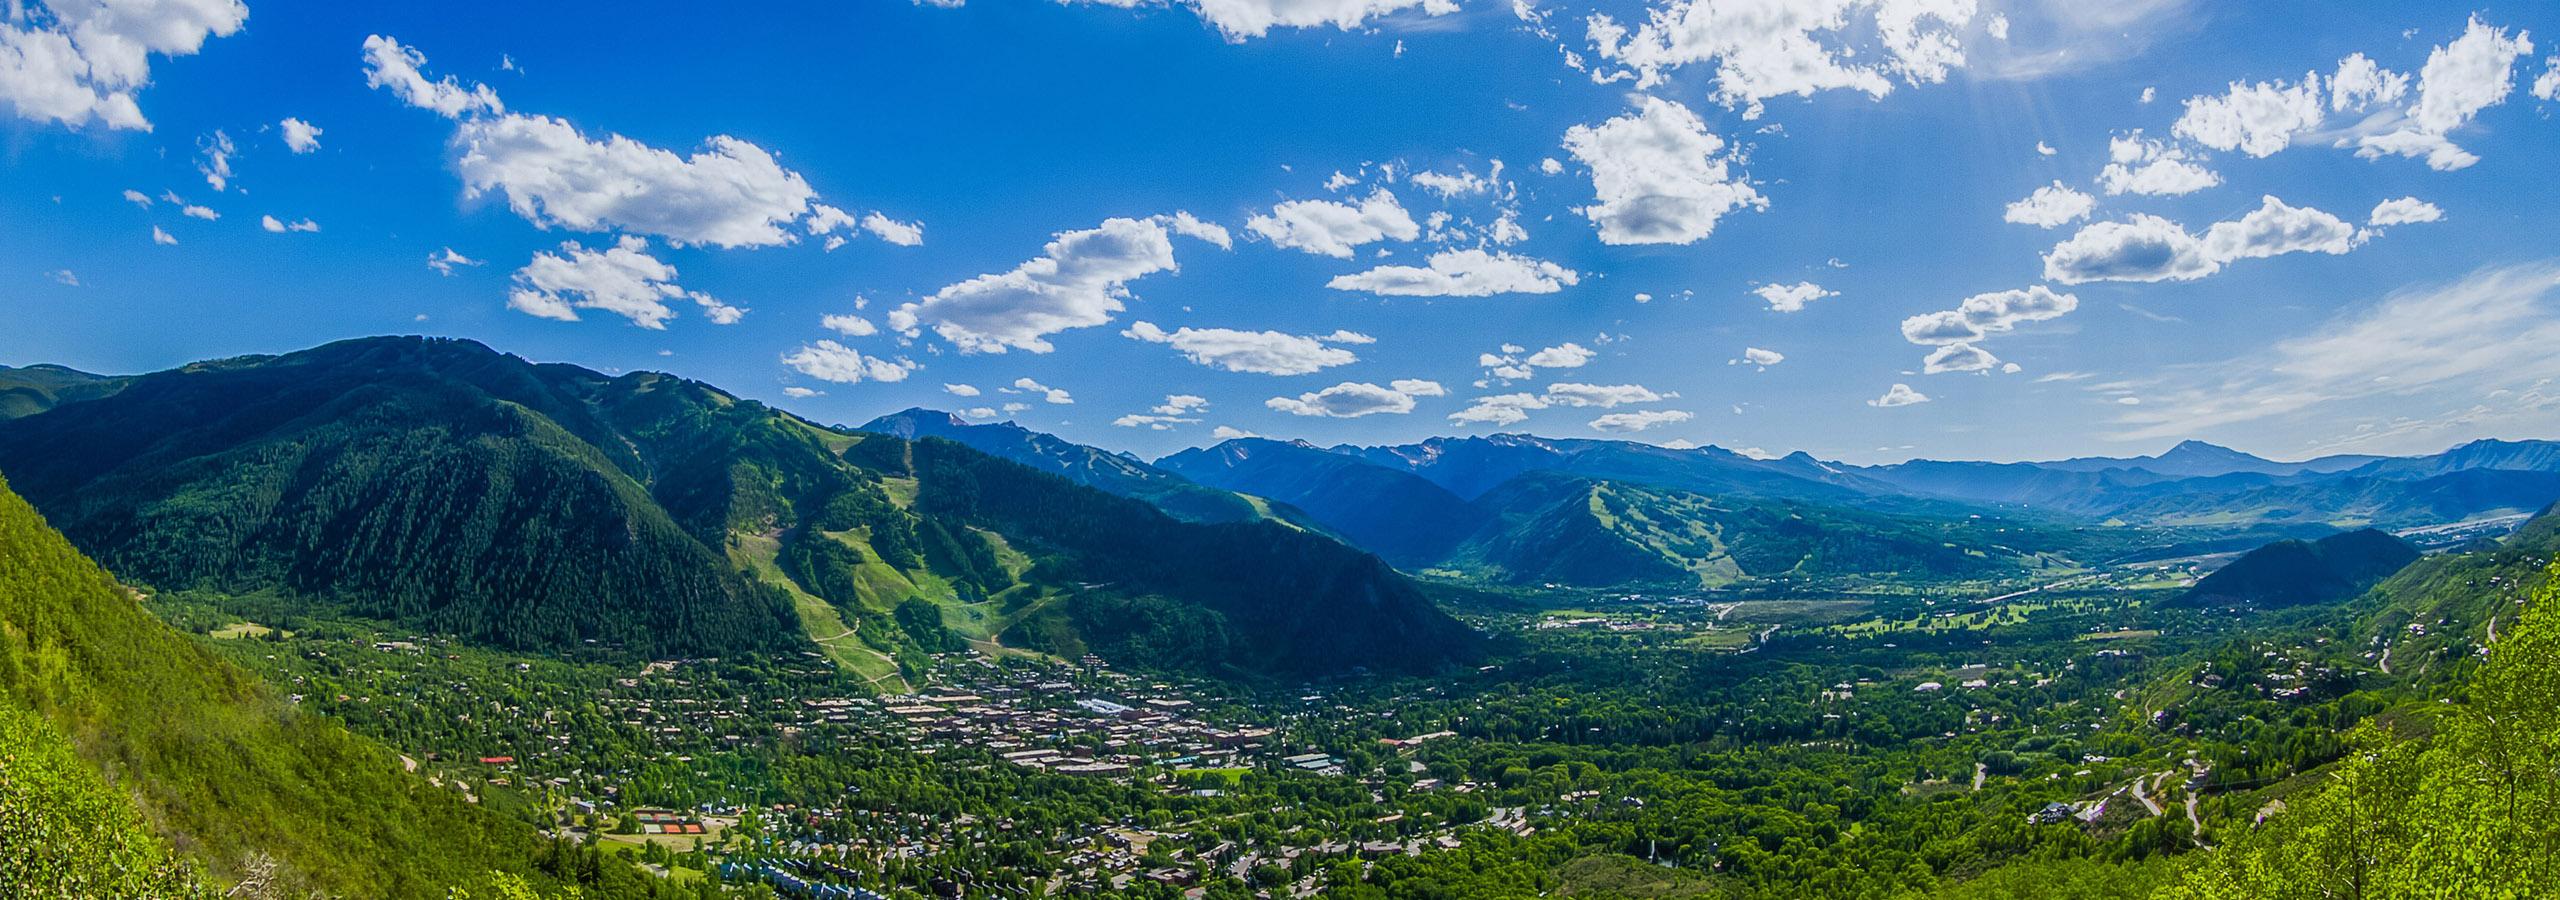 Summer in Aspen